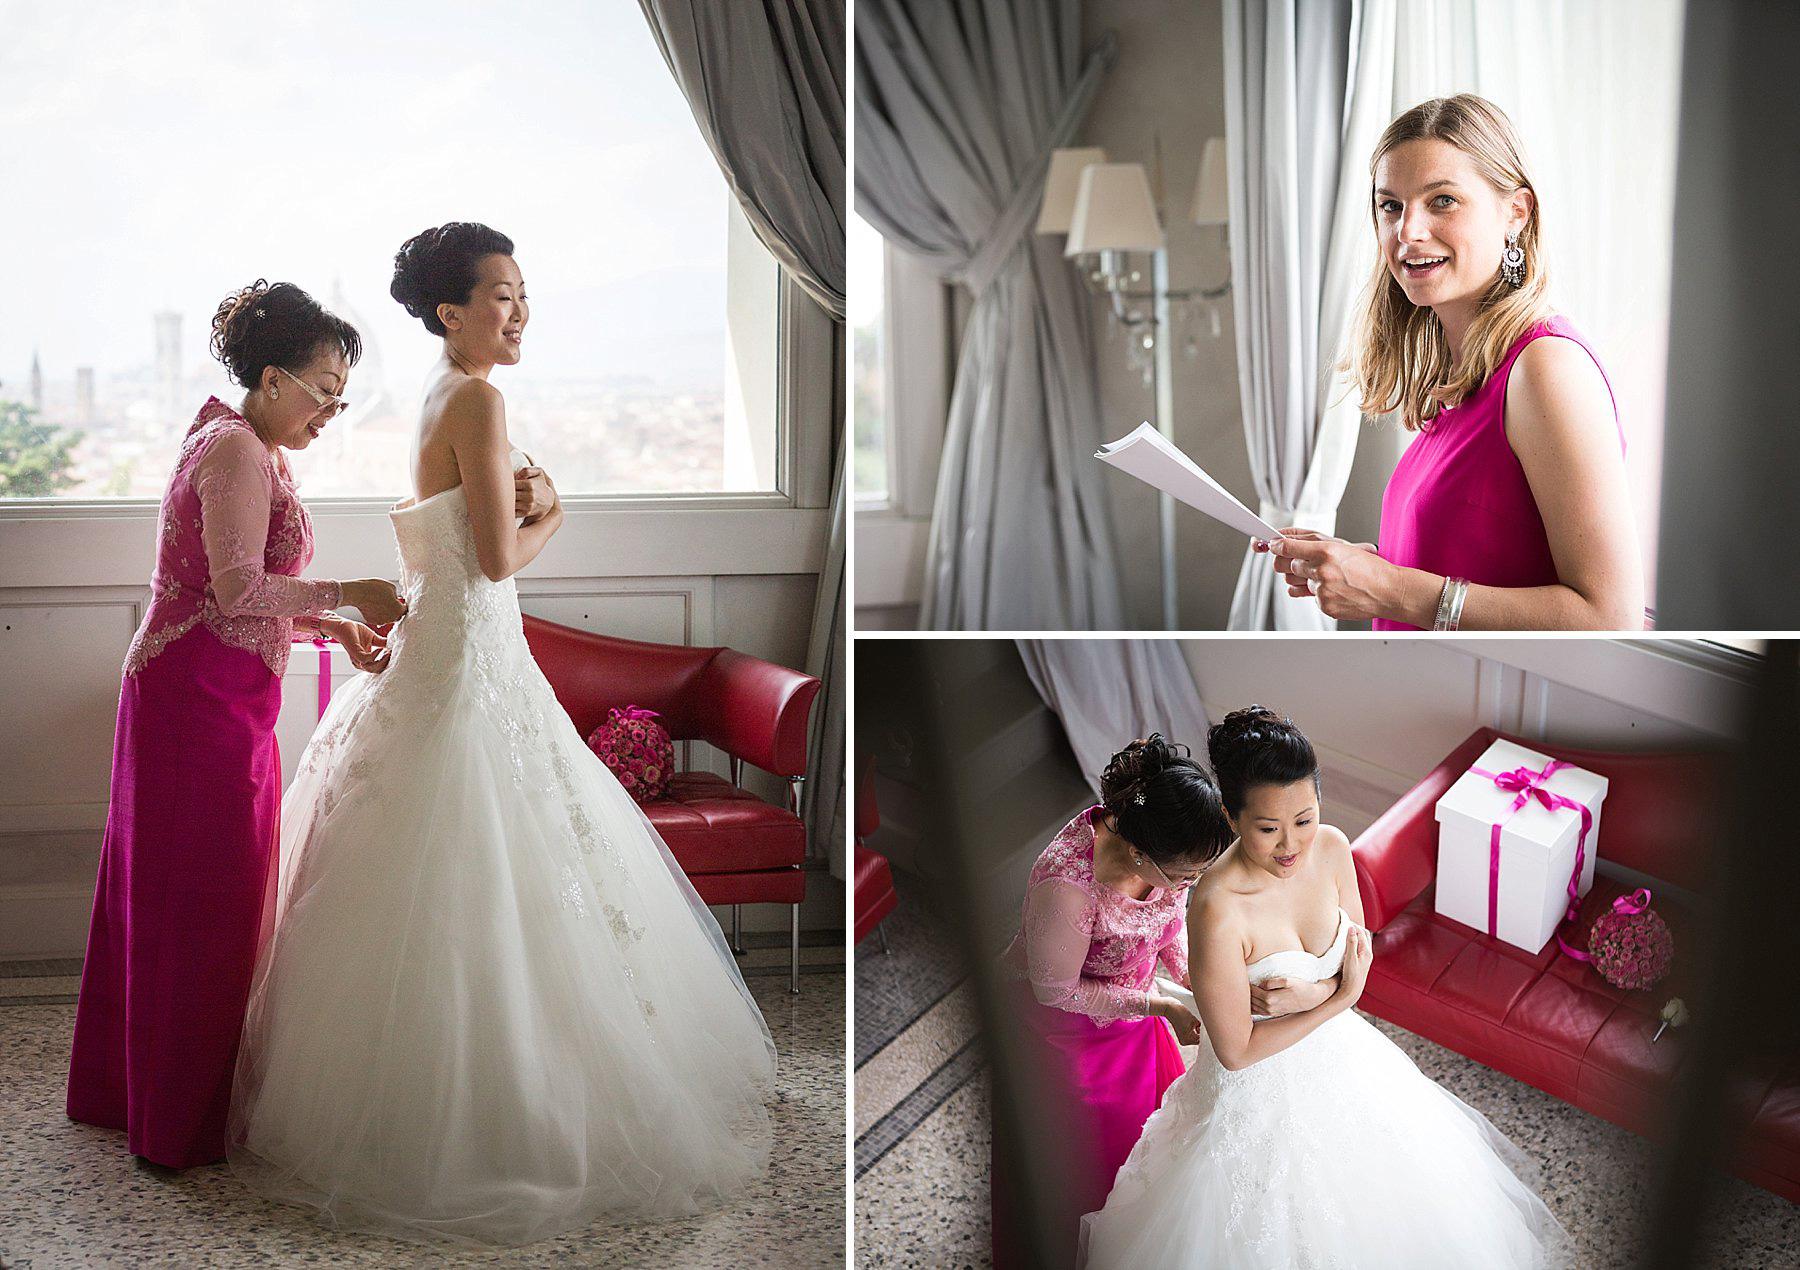 WeddingLauraAntoine-021